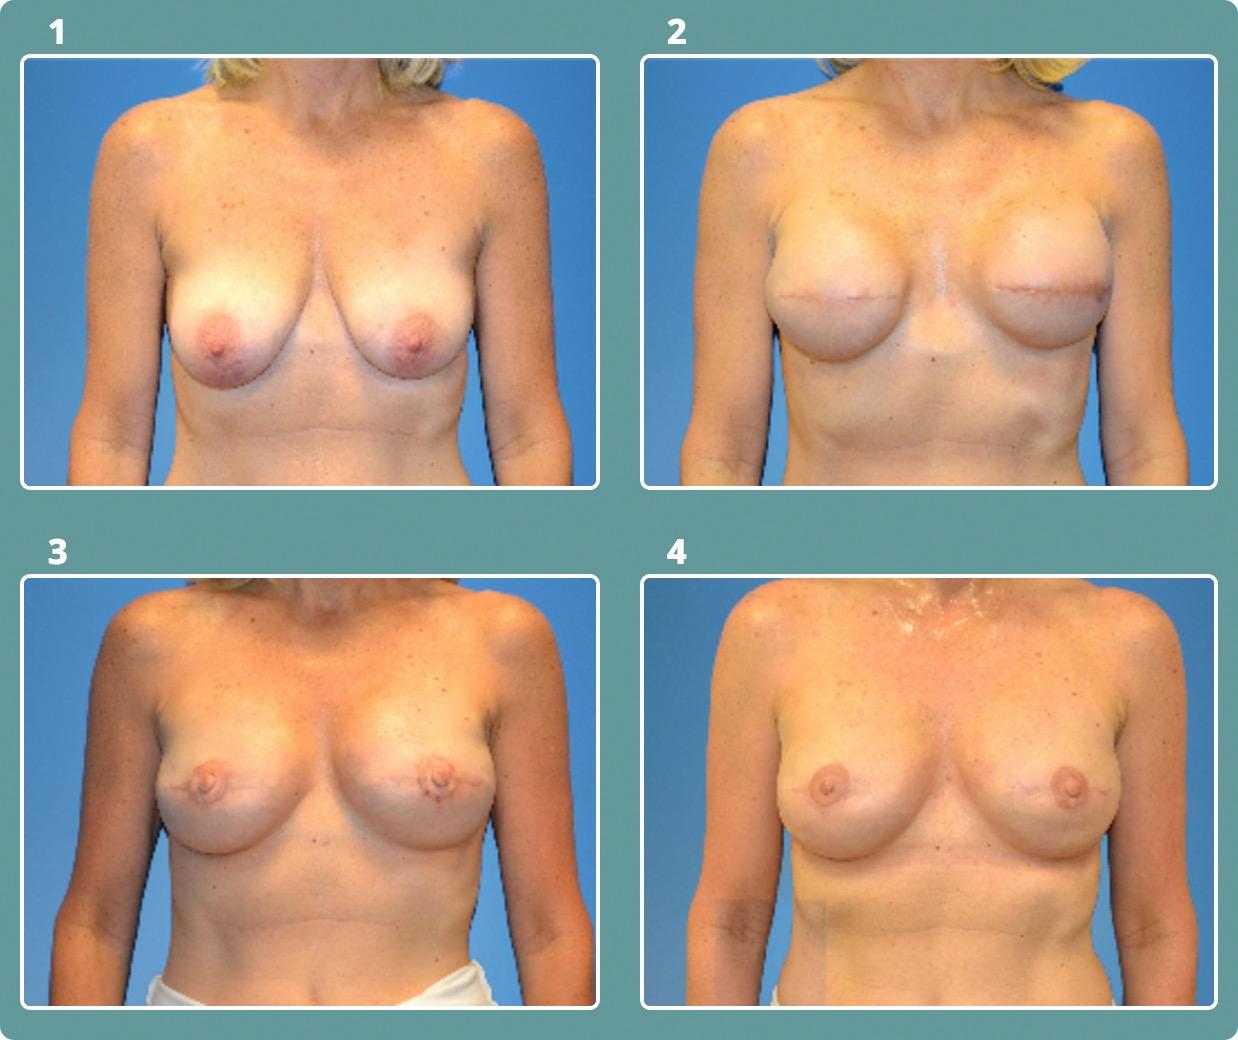 Patient 7, stages 1-4